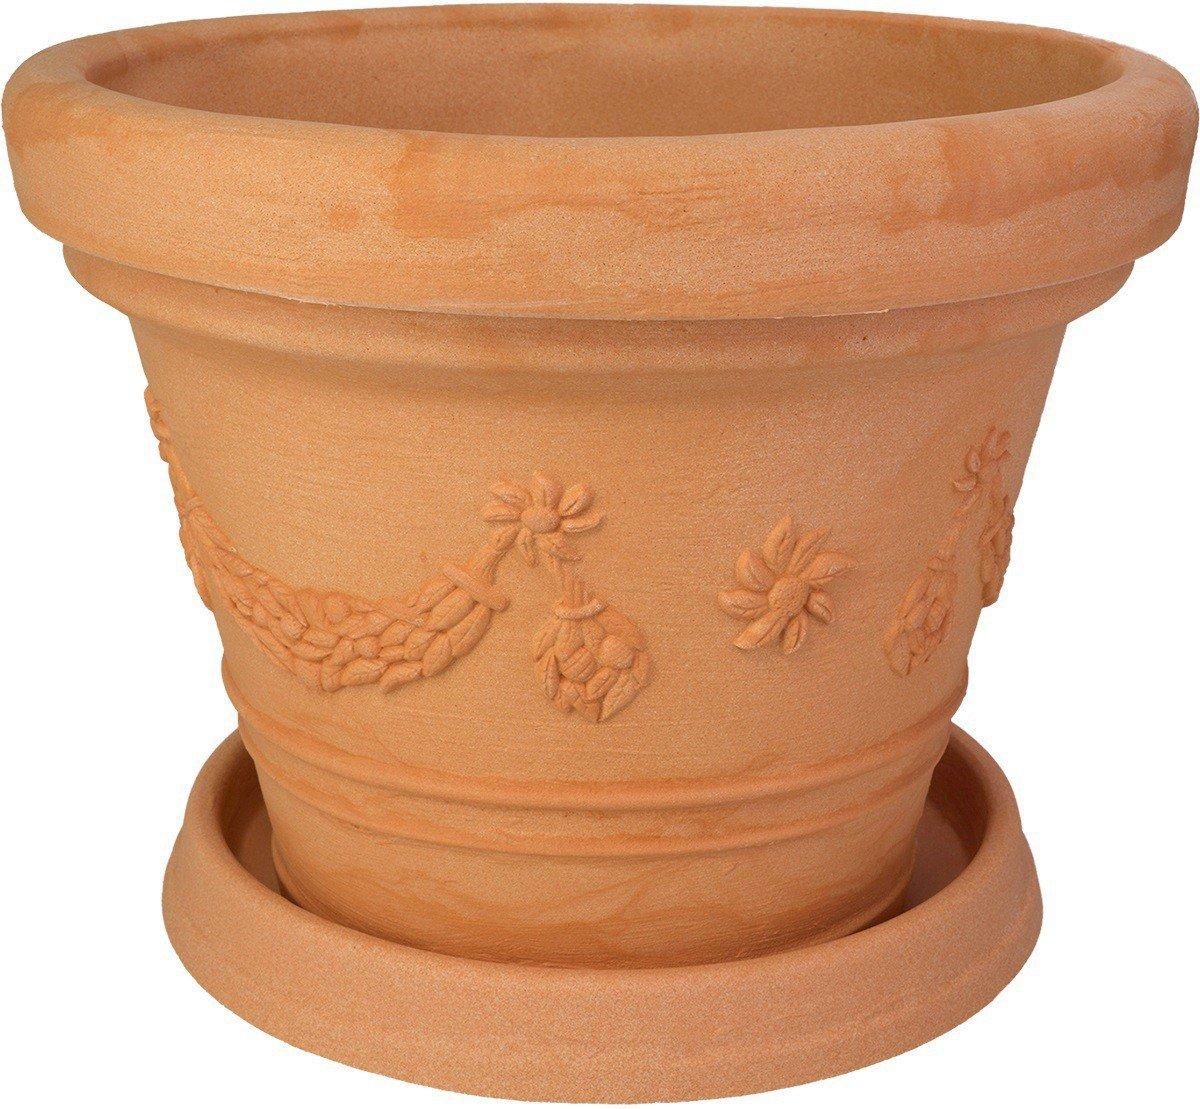 Blumenkübel Roma 70cm mit passendem Untersetzer Marcella 56cm in Impruneta